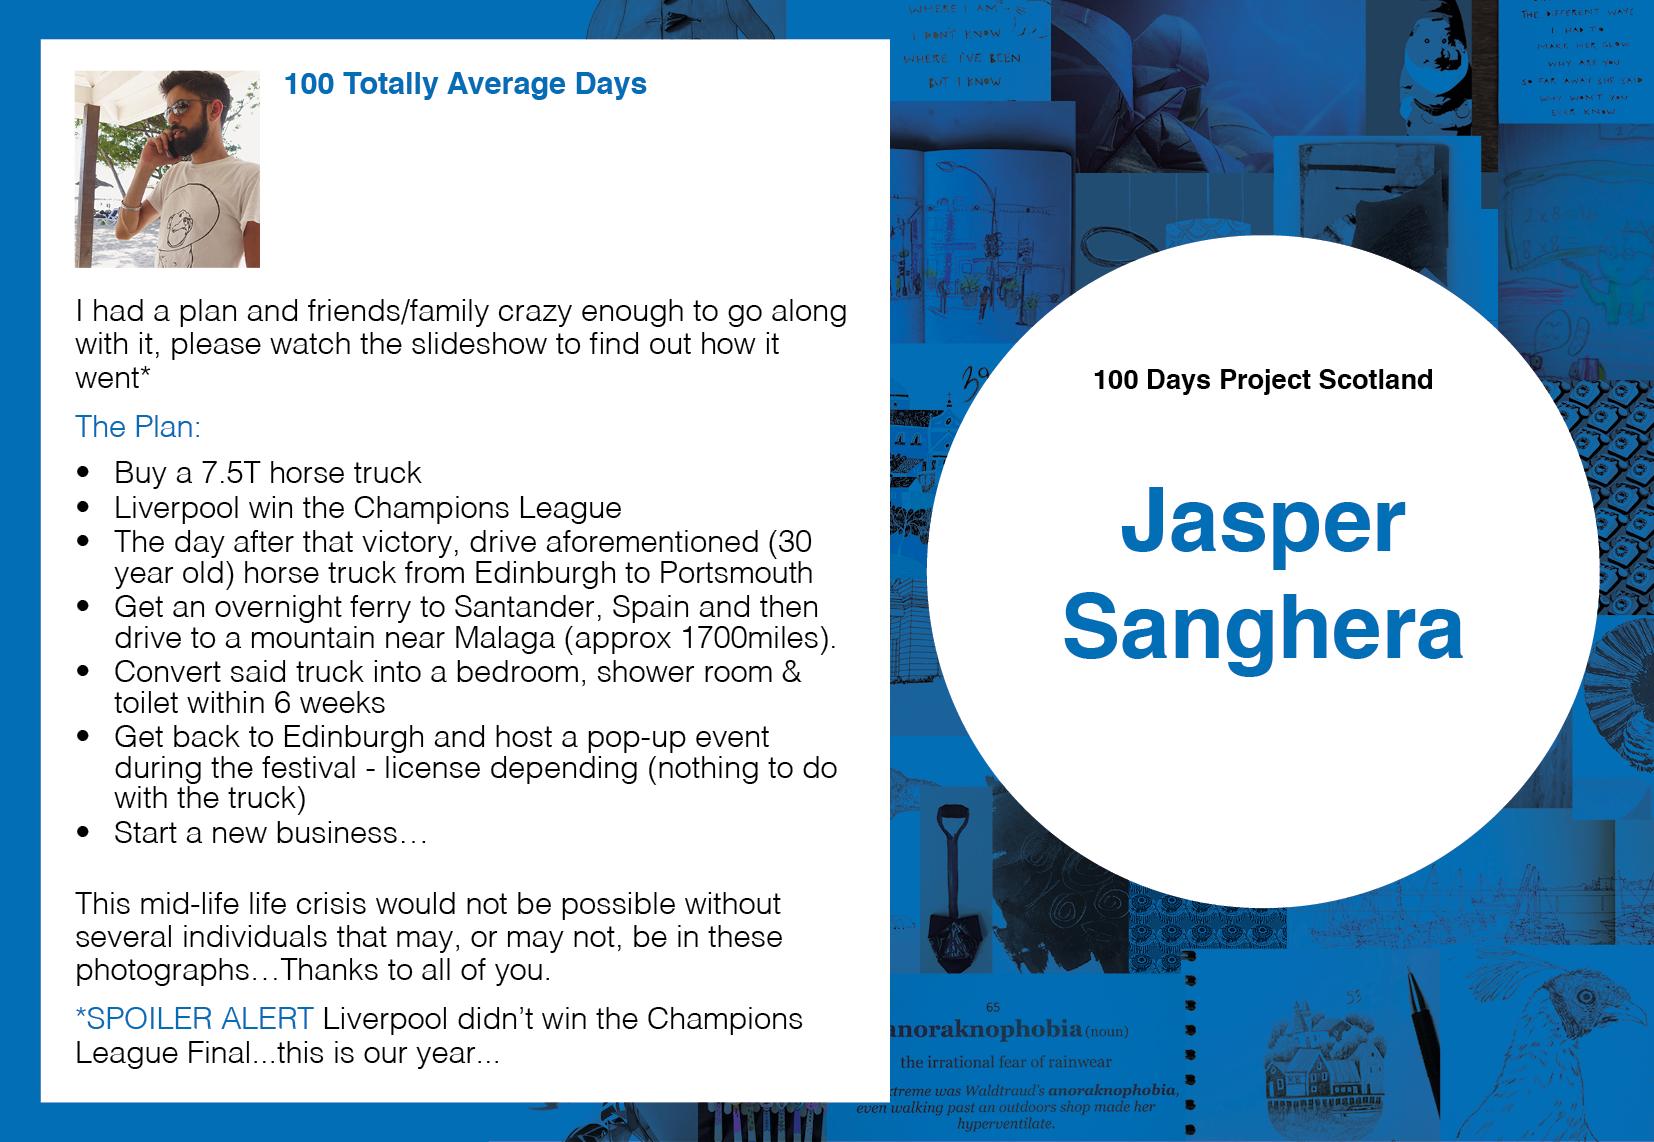 Jasper Sanghera